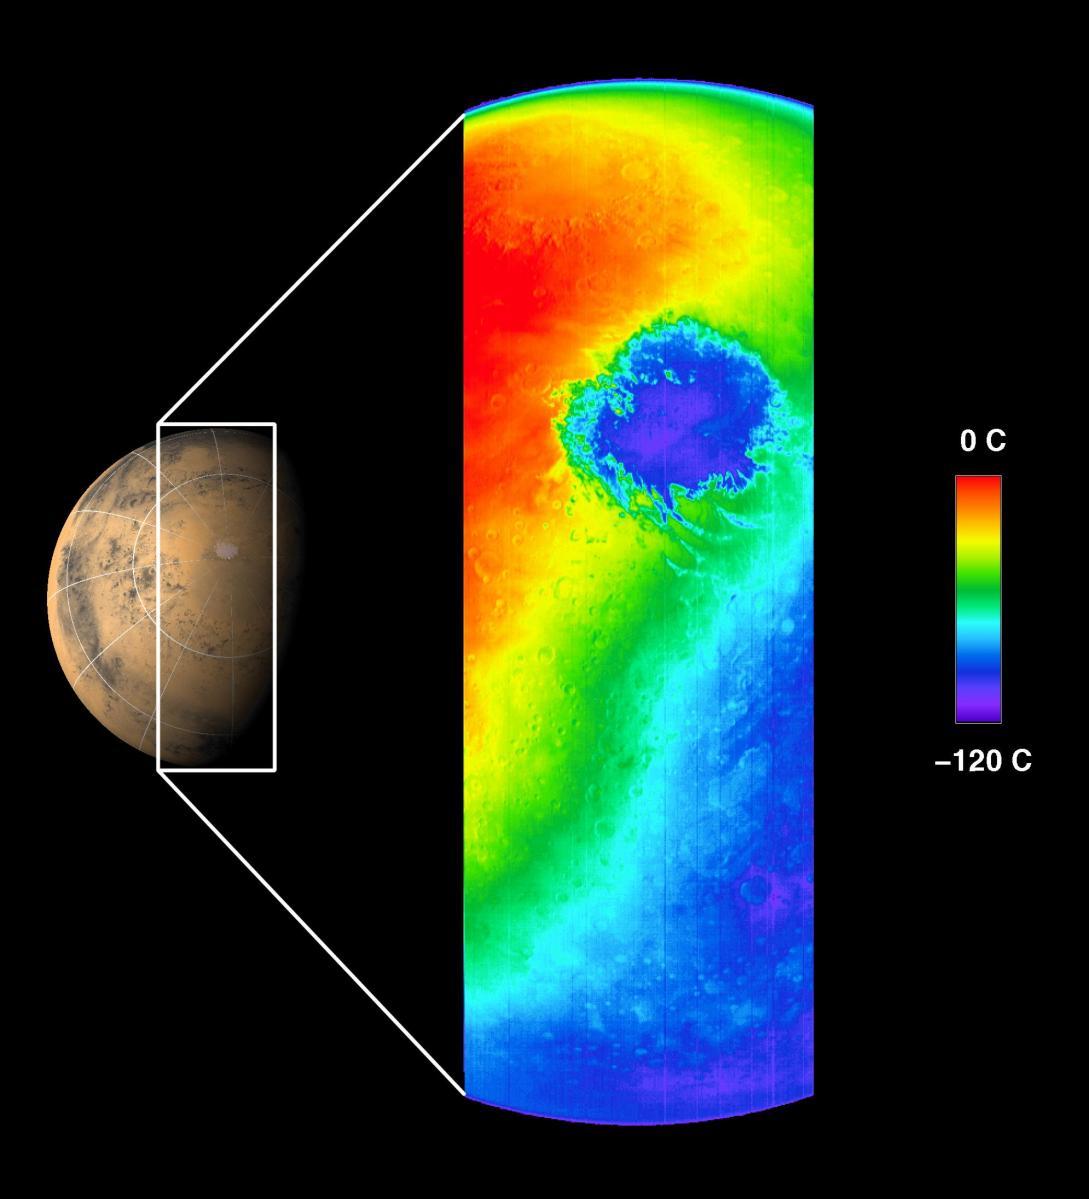 Emisión térmica de Marte, 2001.